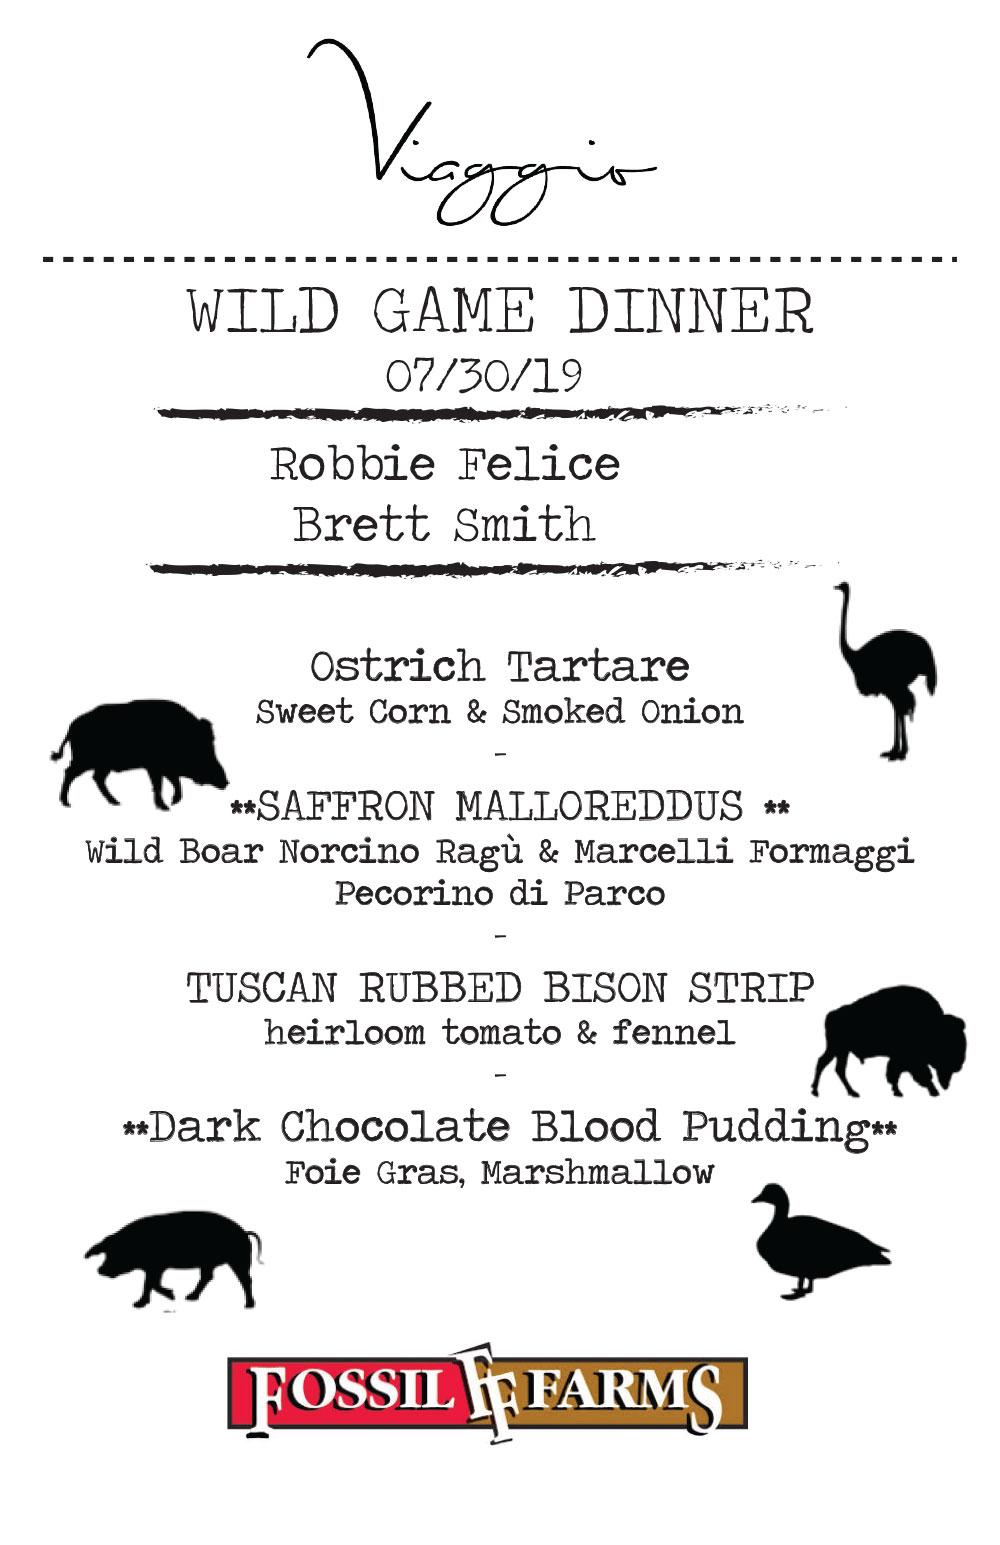 Fossil-dinner-print-menus-v2.jpg